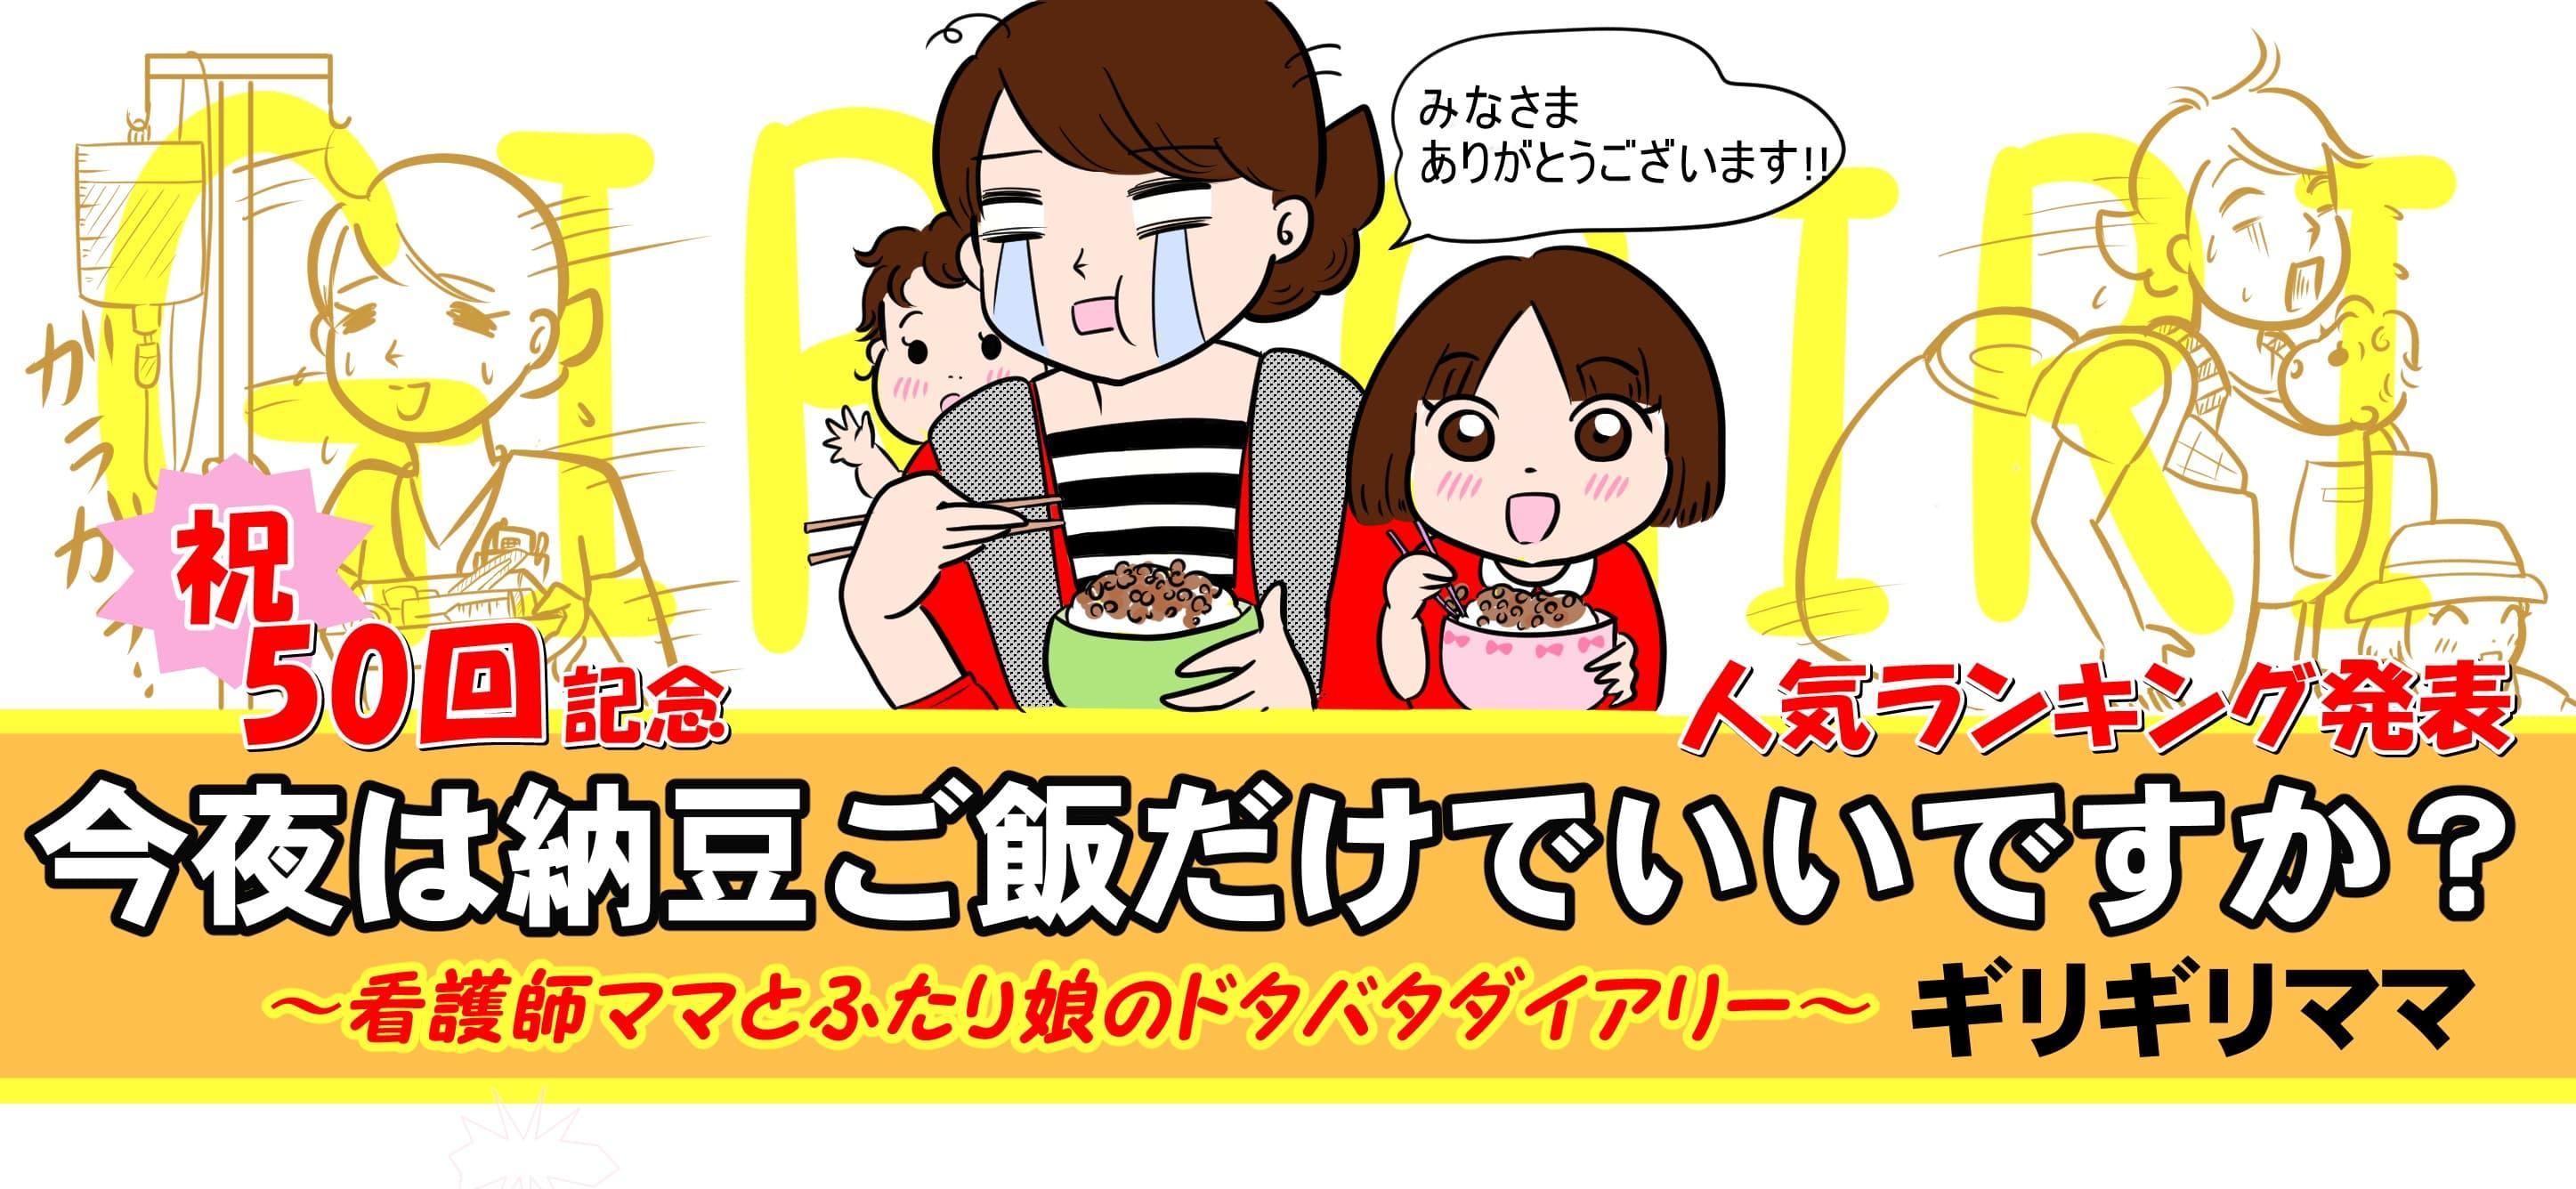 今夜は納豆ご飯だけでいいですか?